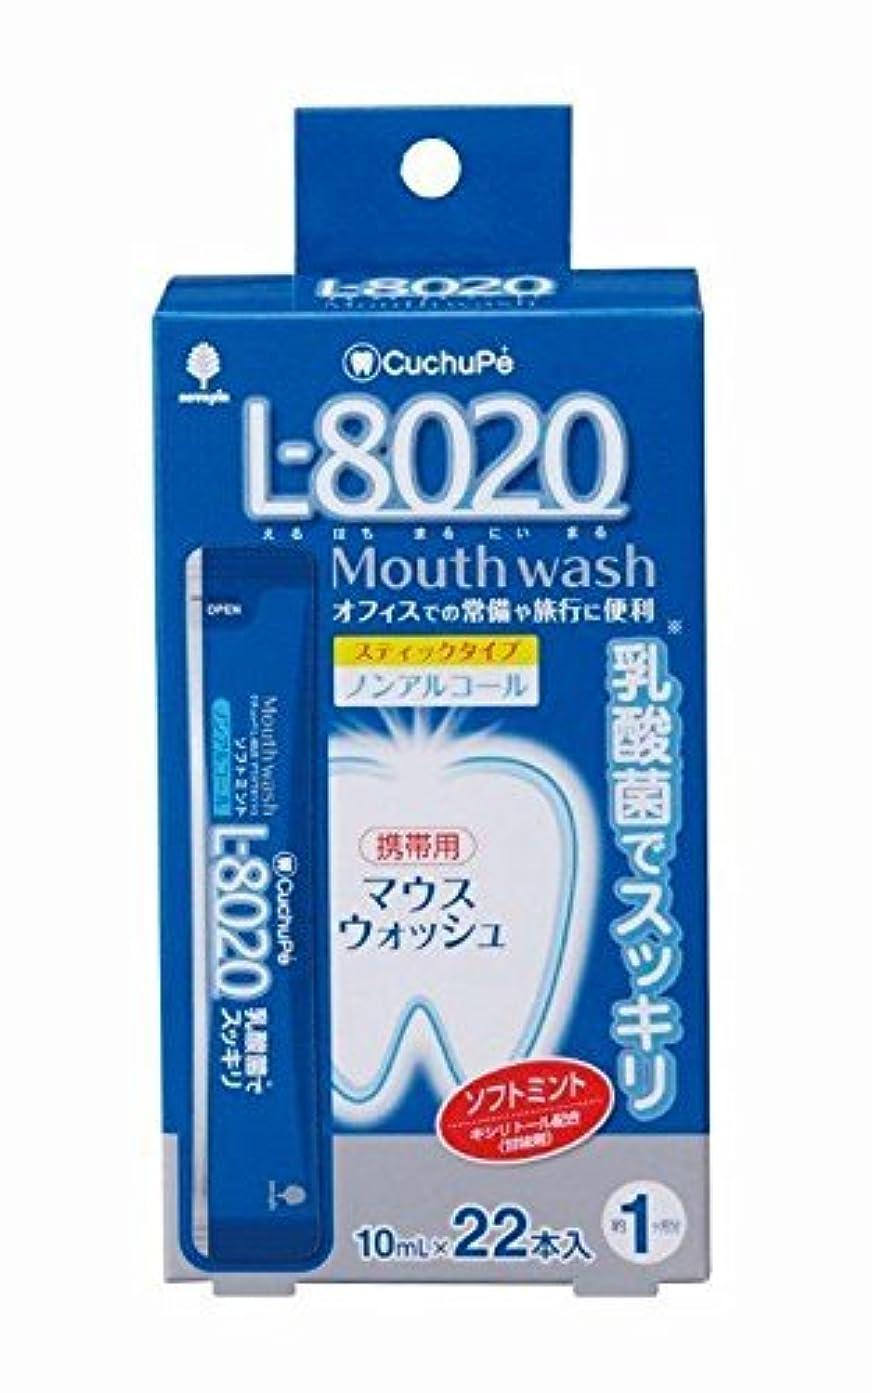 並外れて戻る変色するクチュッペL-8020ソフトミントスティックタイプ22本入(ノンアルコール) 【まとめ買い6個セット】 K-7048 日本製 Japan